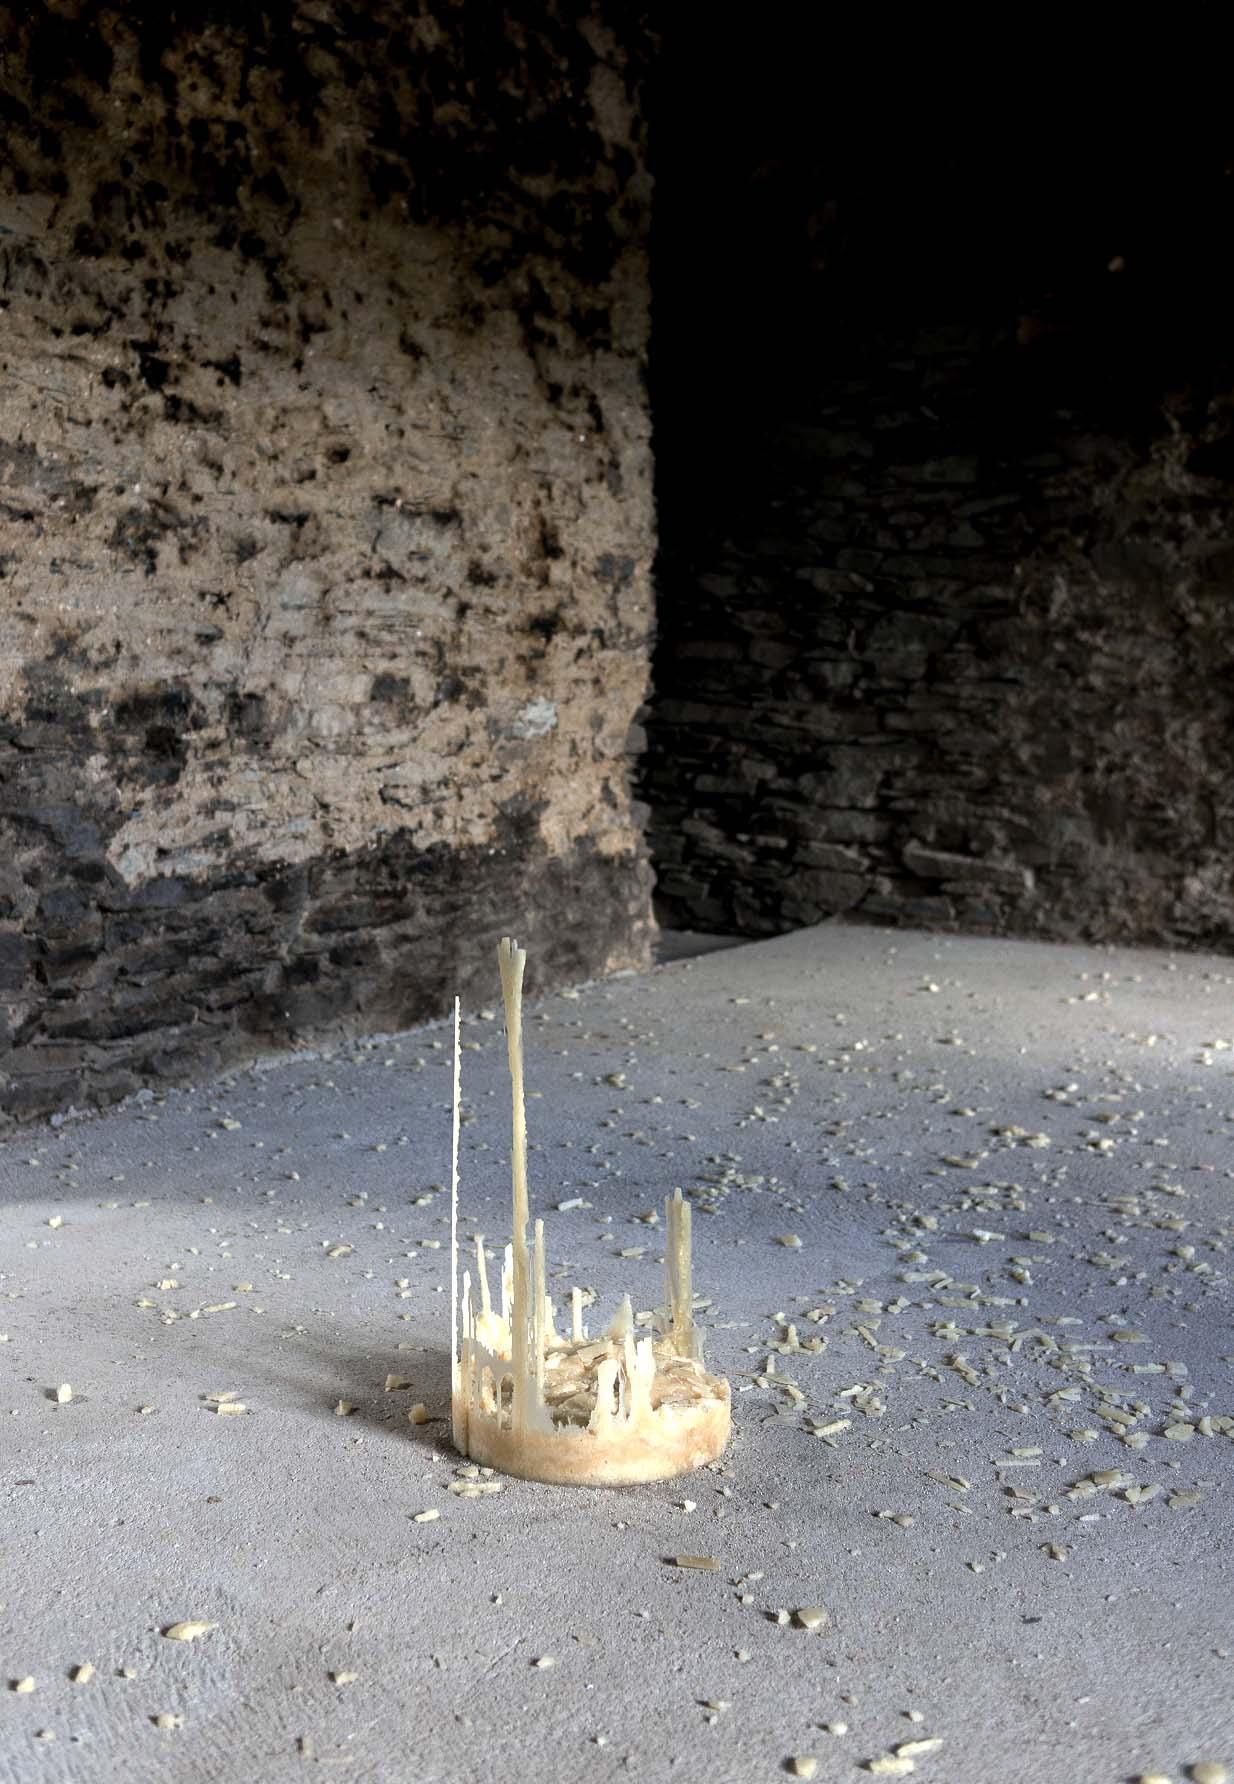 ondes-de-la-terre-hugo-bel-artiste-plasticien-sculpteur-photo-Lionel-Catelan